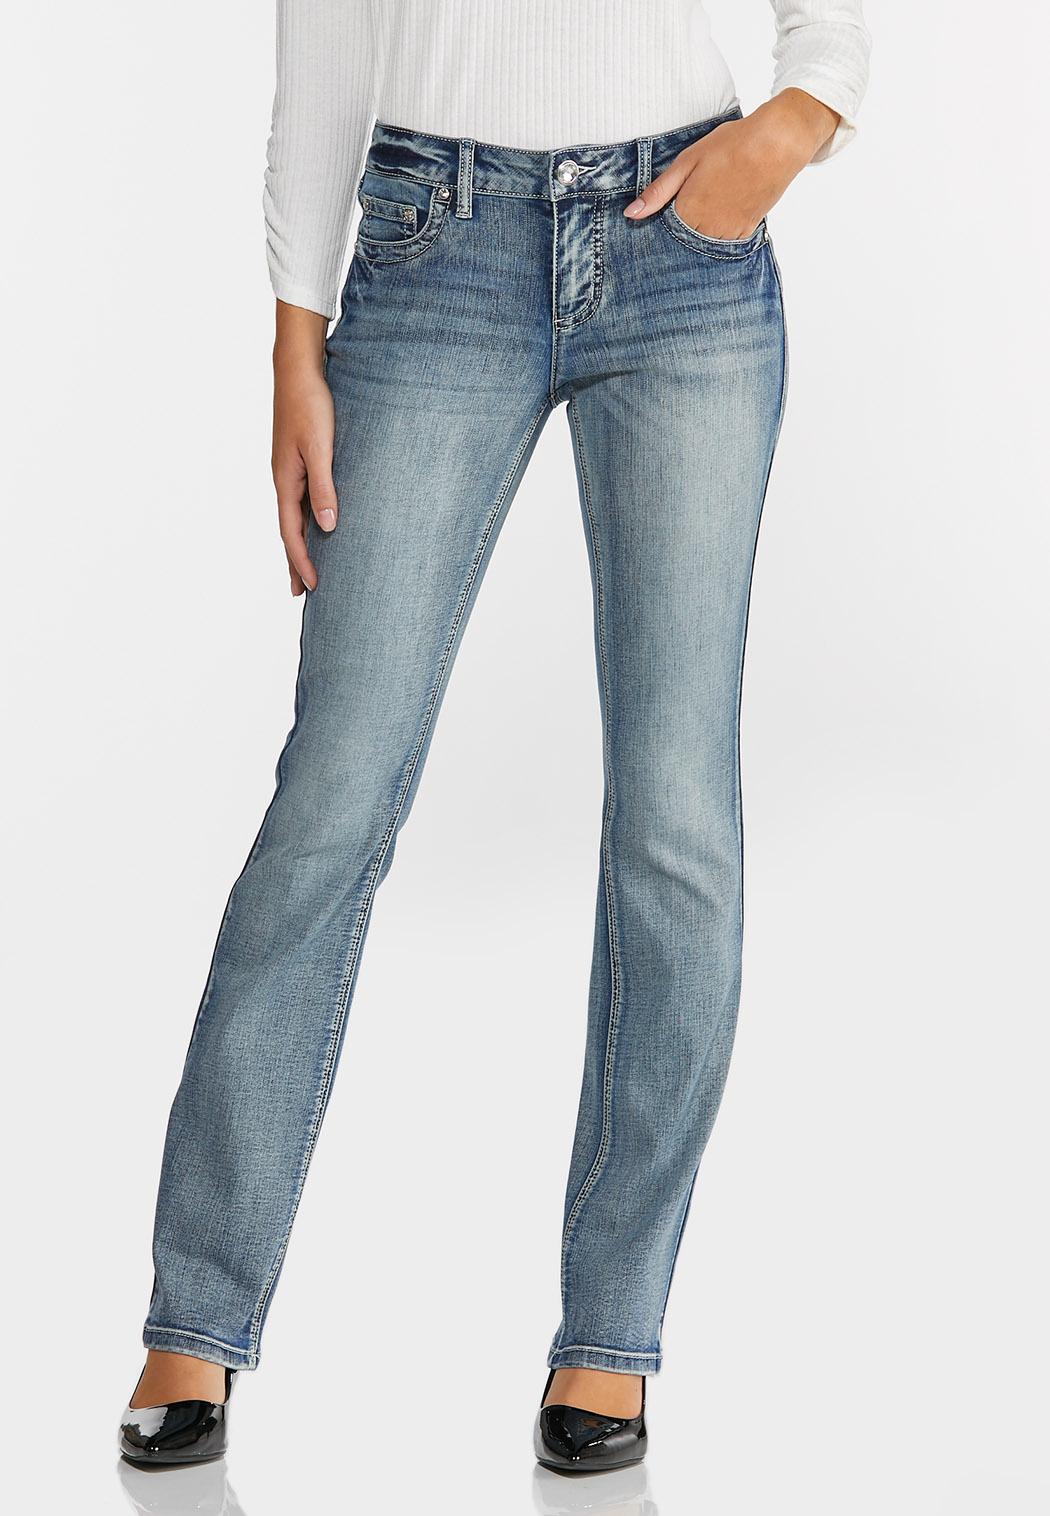 Embellished Fleur De Lis Jeans (Item #44329539)